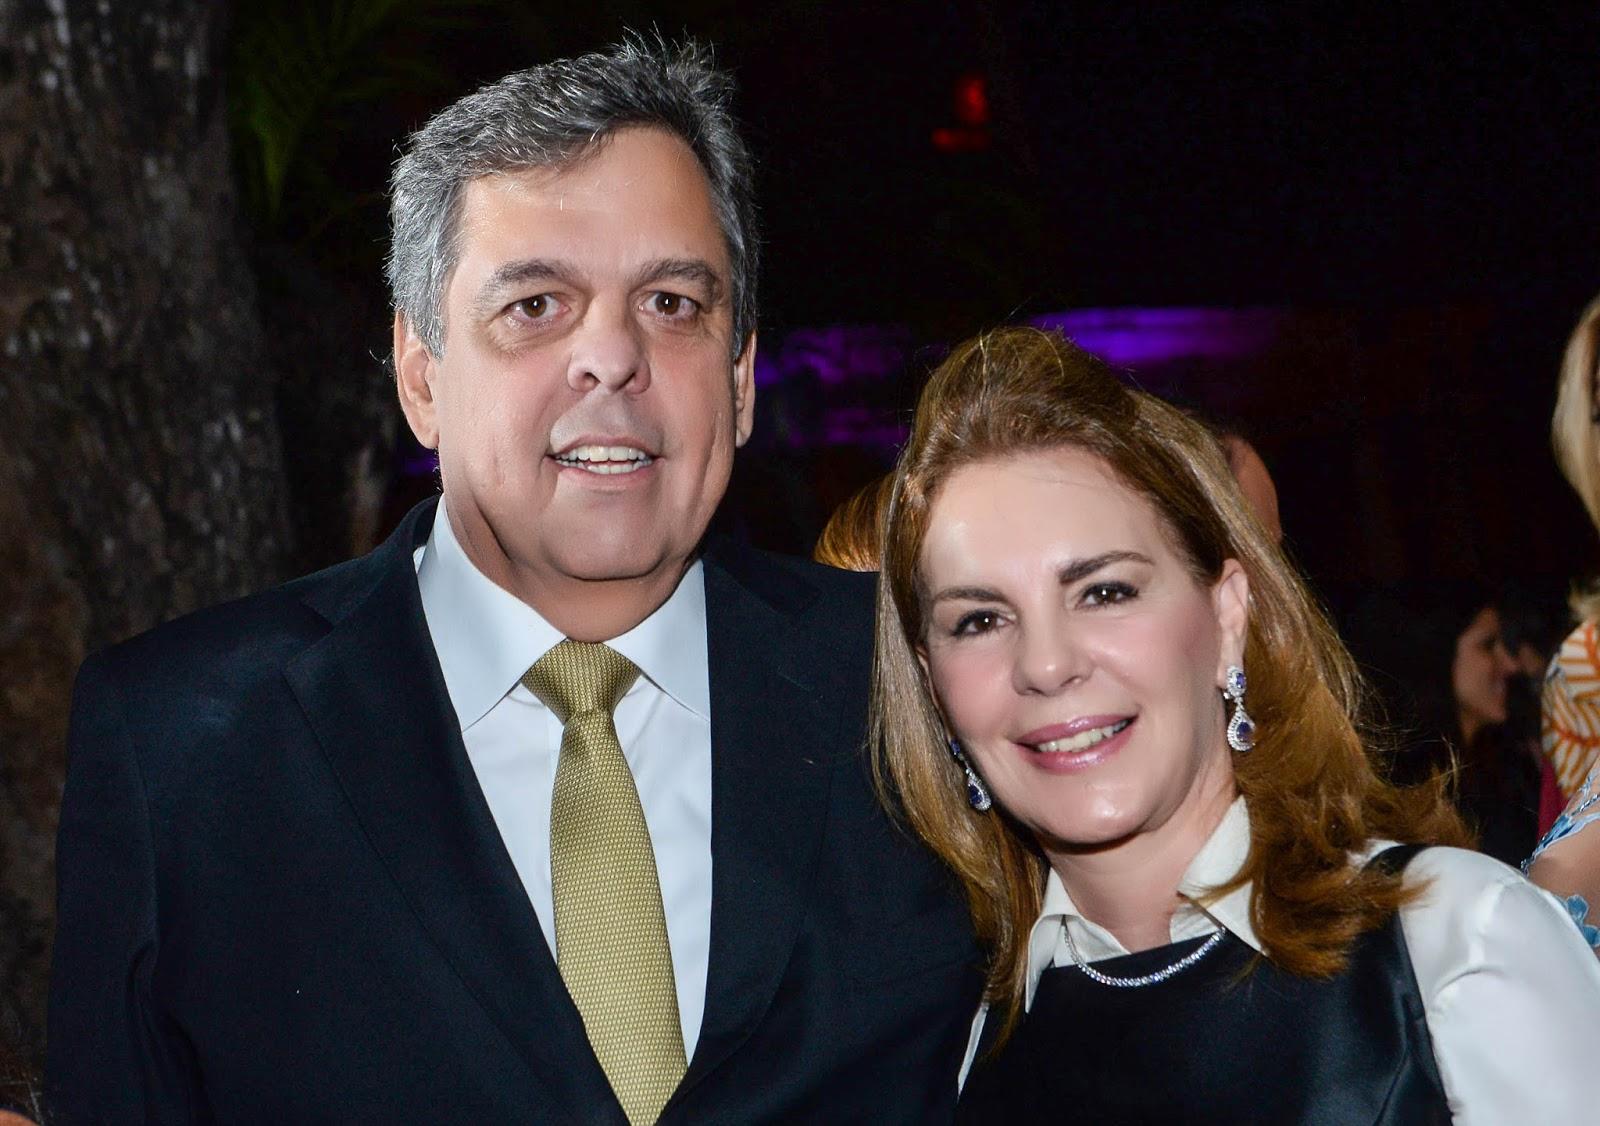 Paulo Gordilho é o nobre aniversariante de hoje, dia 5 de fevereiro, na foto ele está com a esposa Alina Gordilho